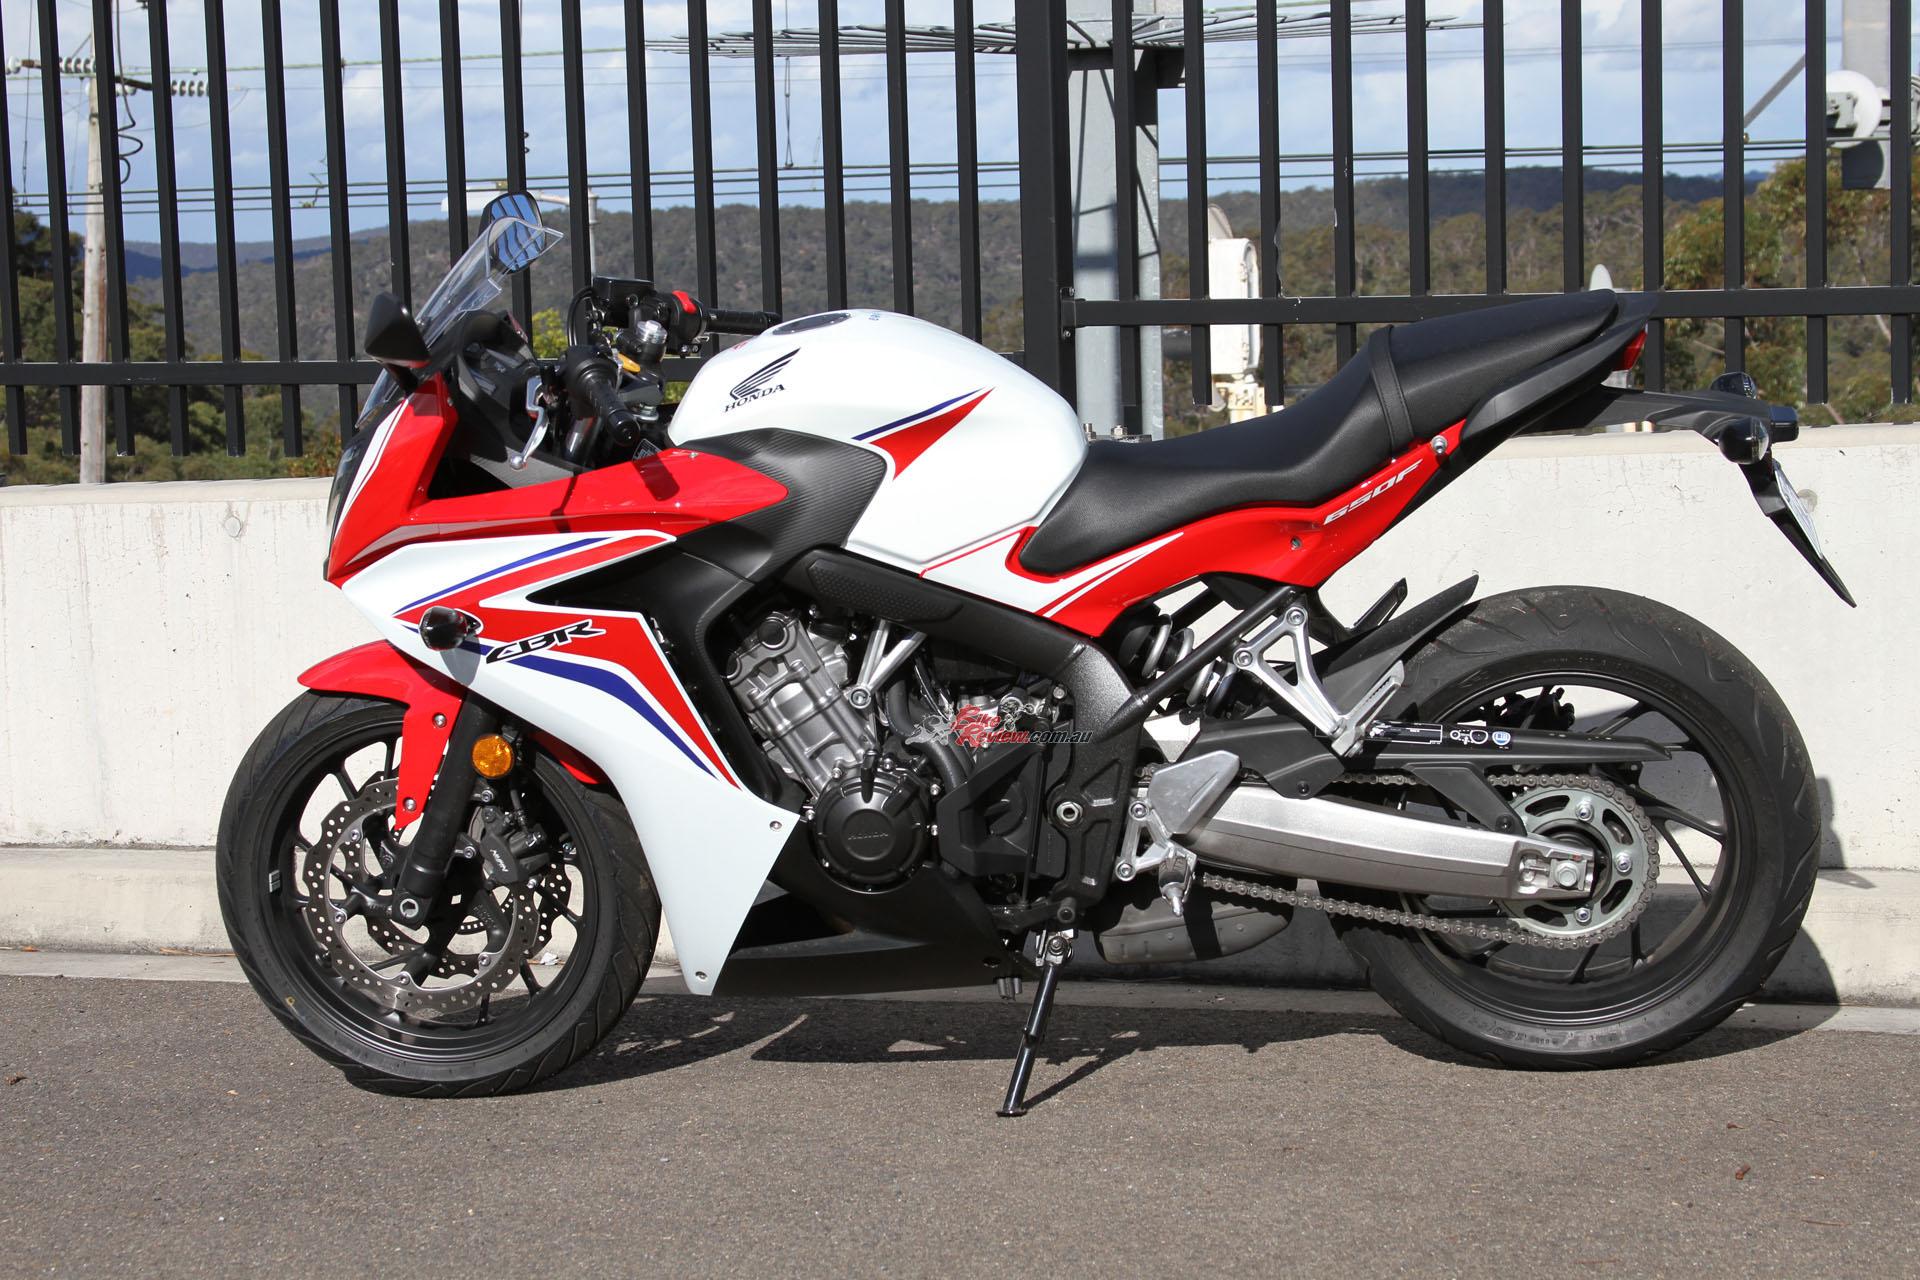 Review Honda Cbr650f Lams Bike Review